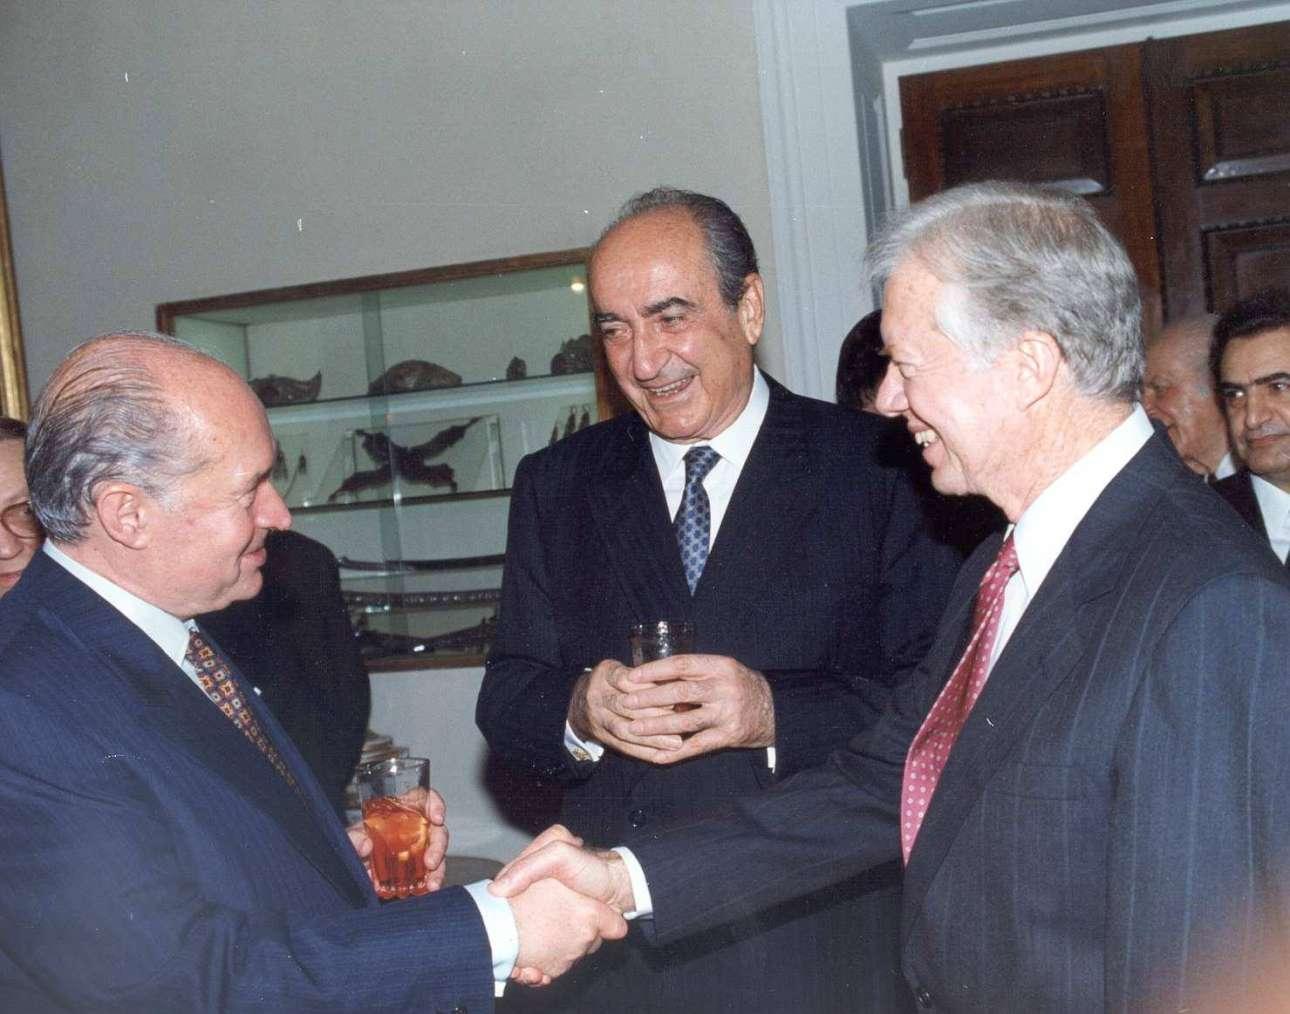 Απρίλιος 1991. Με τον πρόεδρο της Κυπριακής Δημοκρατίας Γιώργο Βασιλείου και τον πρώην πρόεδρο των ΗΠΑ Τζίμι Κάρτερ